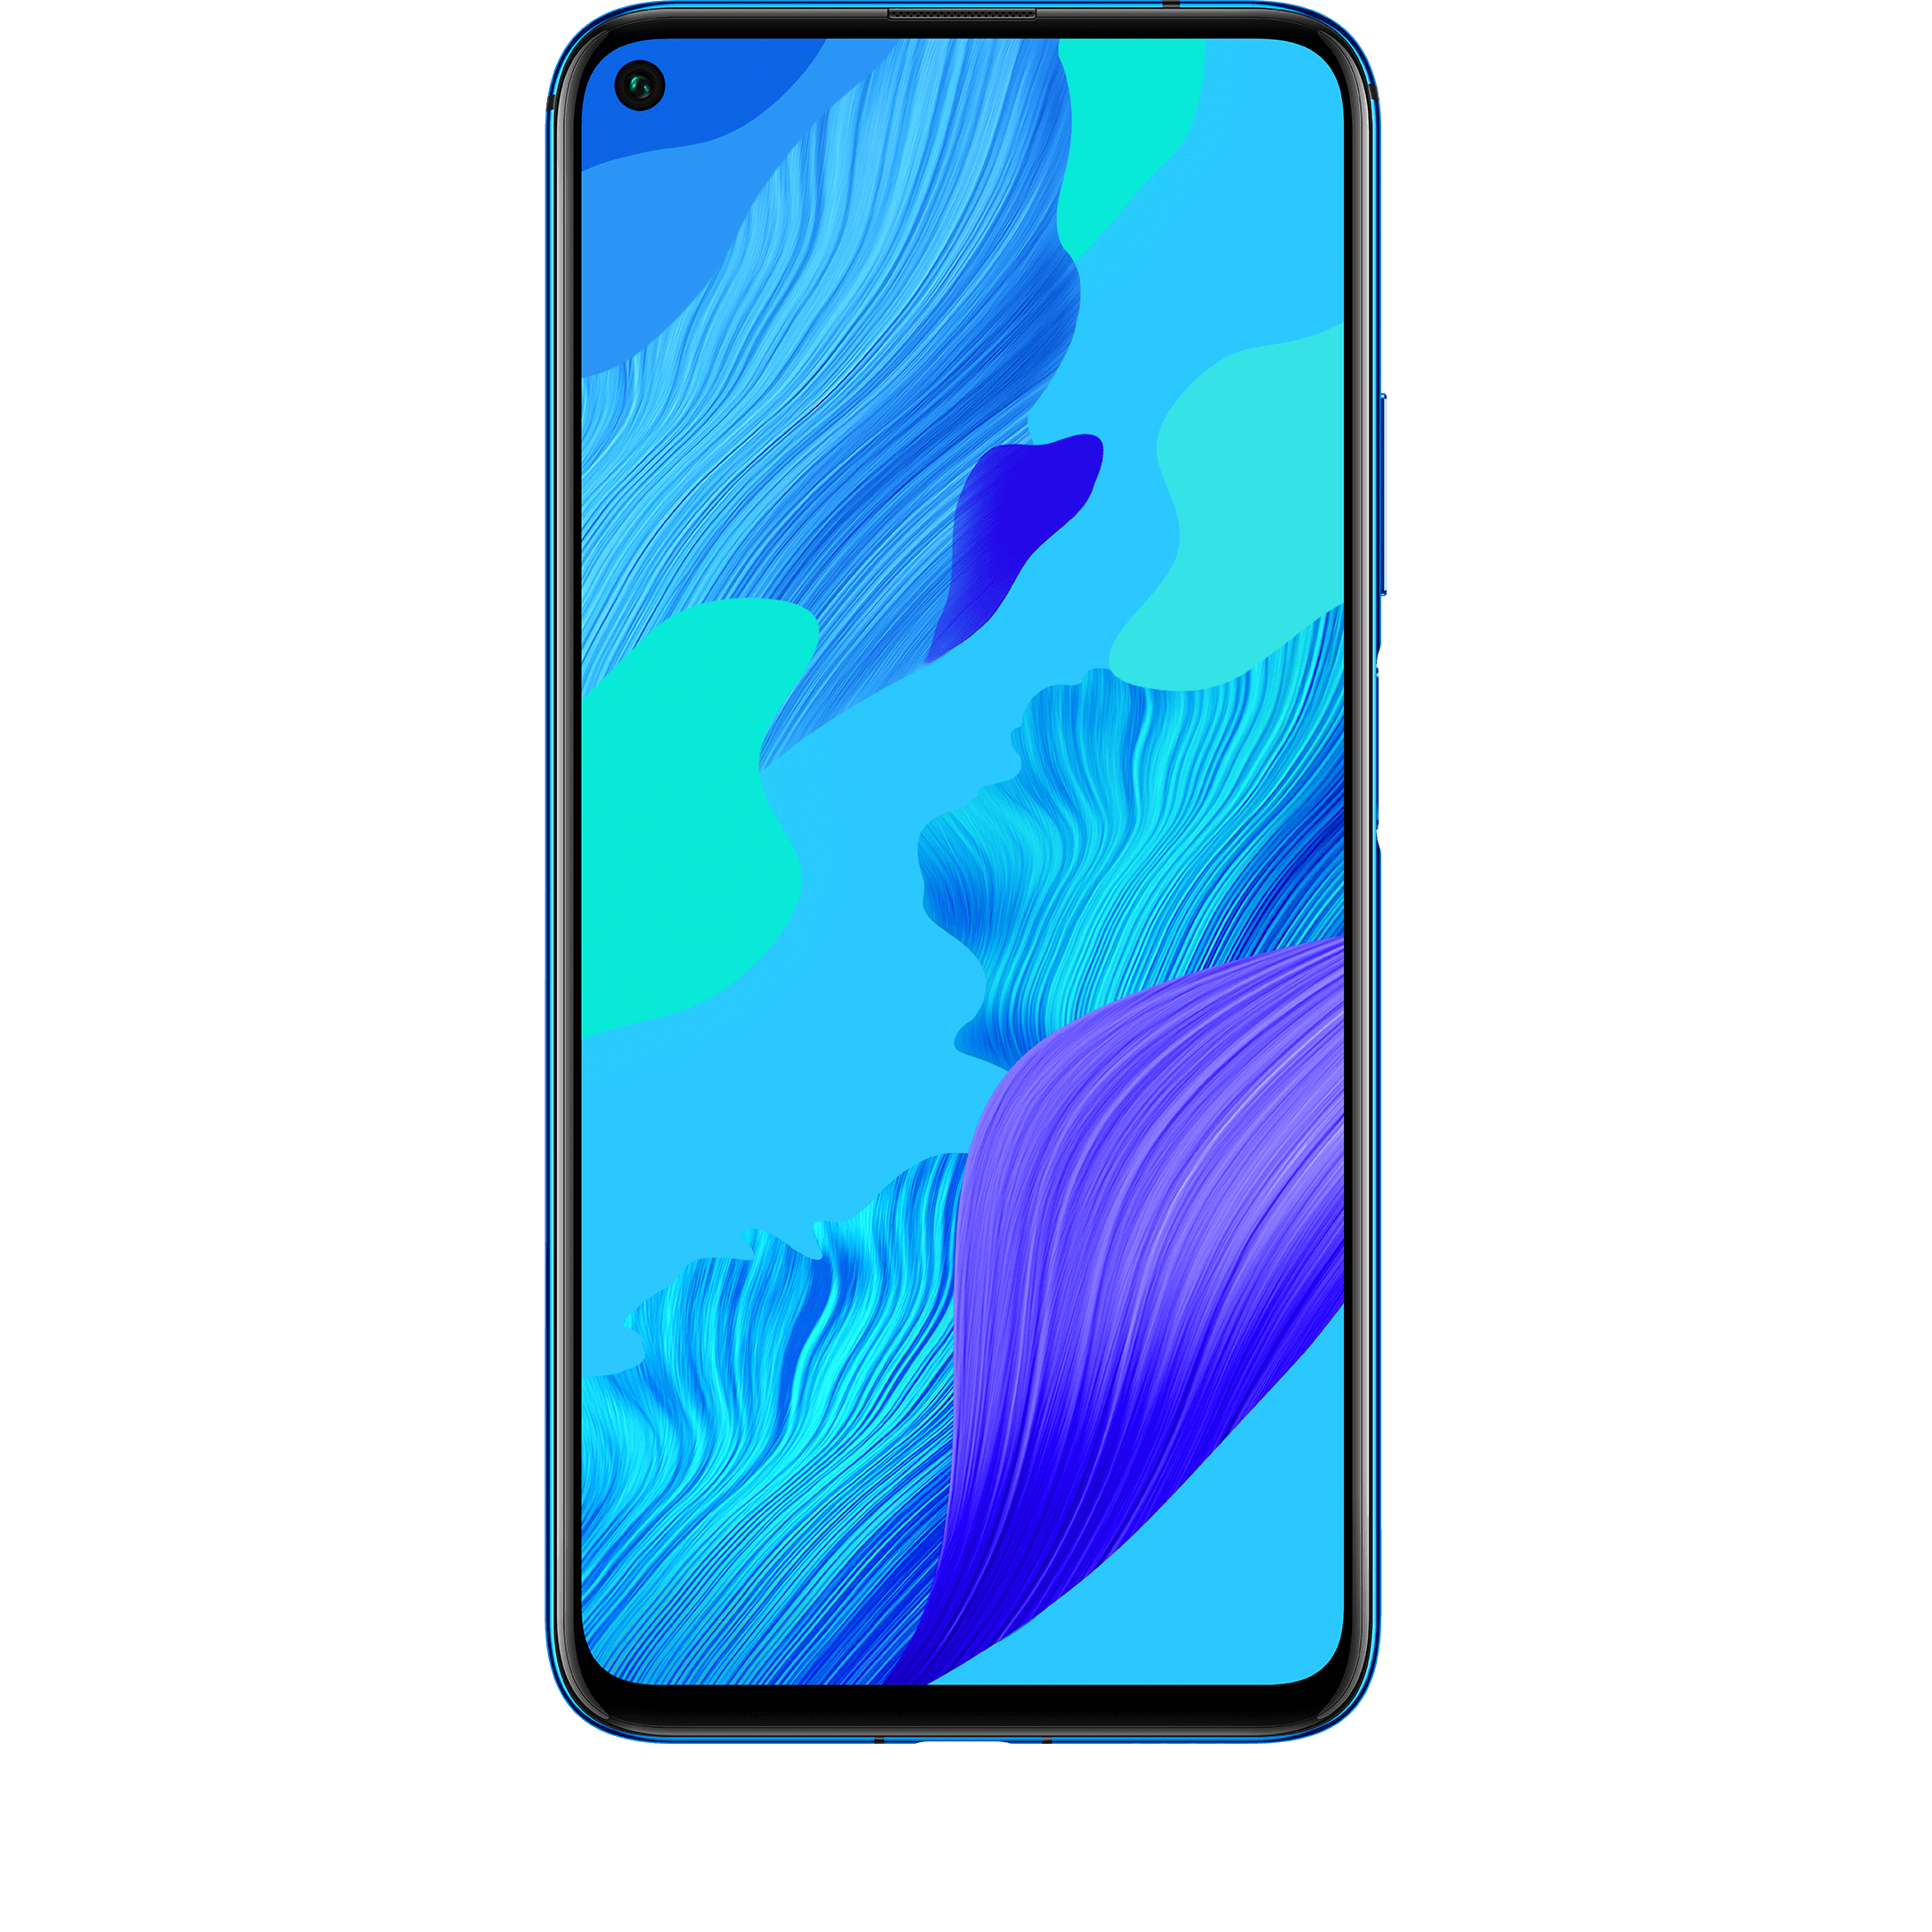 Günstig Kaufen beim Preisvergleich-Huawei nova 5T 128 GB blau mit Allnet Flat S Flex